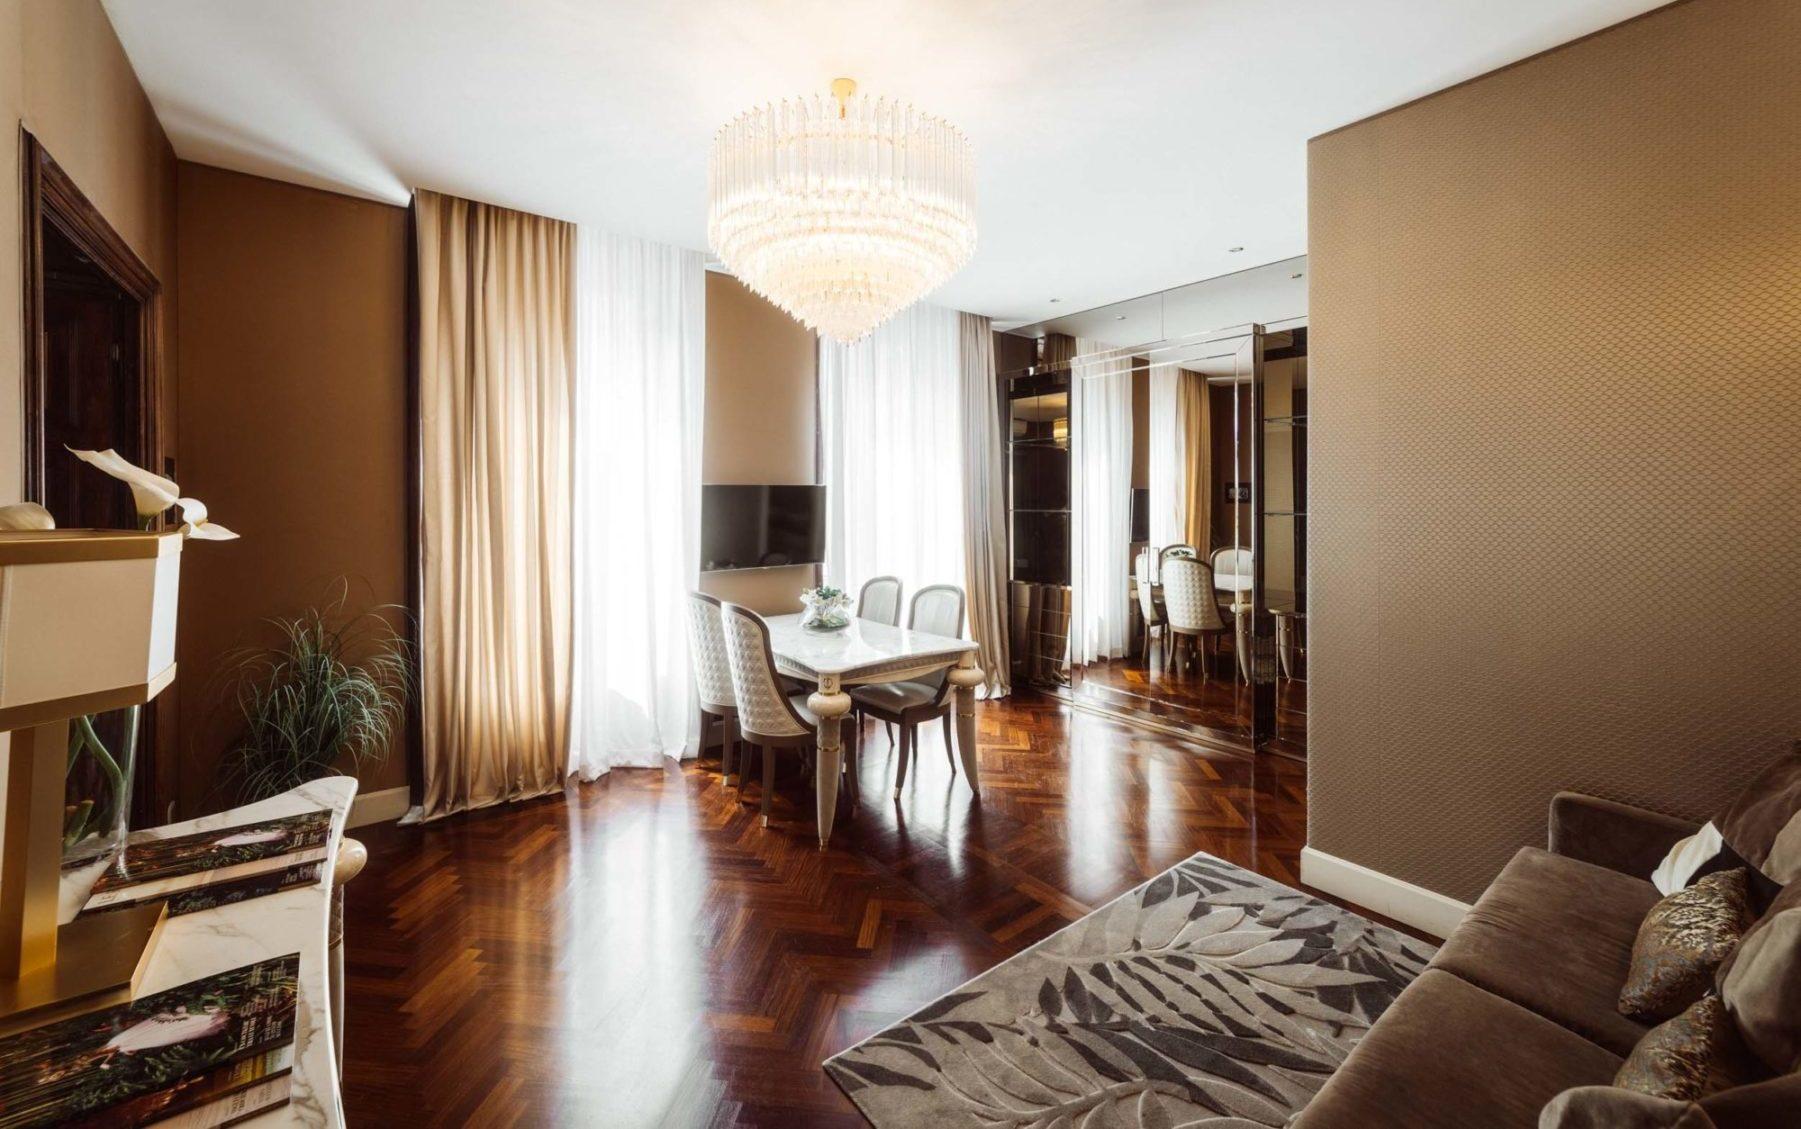 Appartamento B&B di lusso in zona centrale di Roma